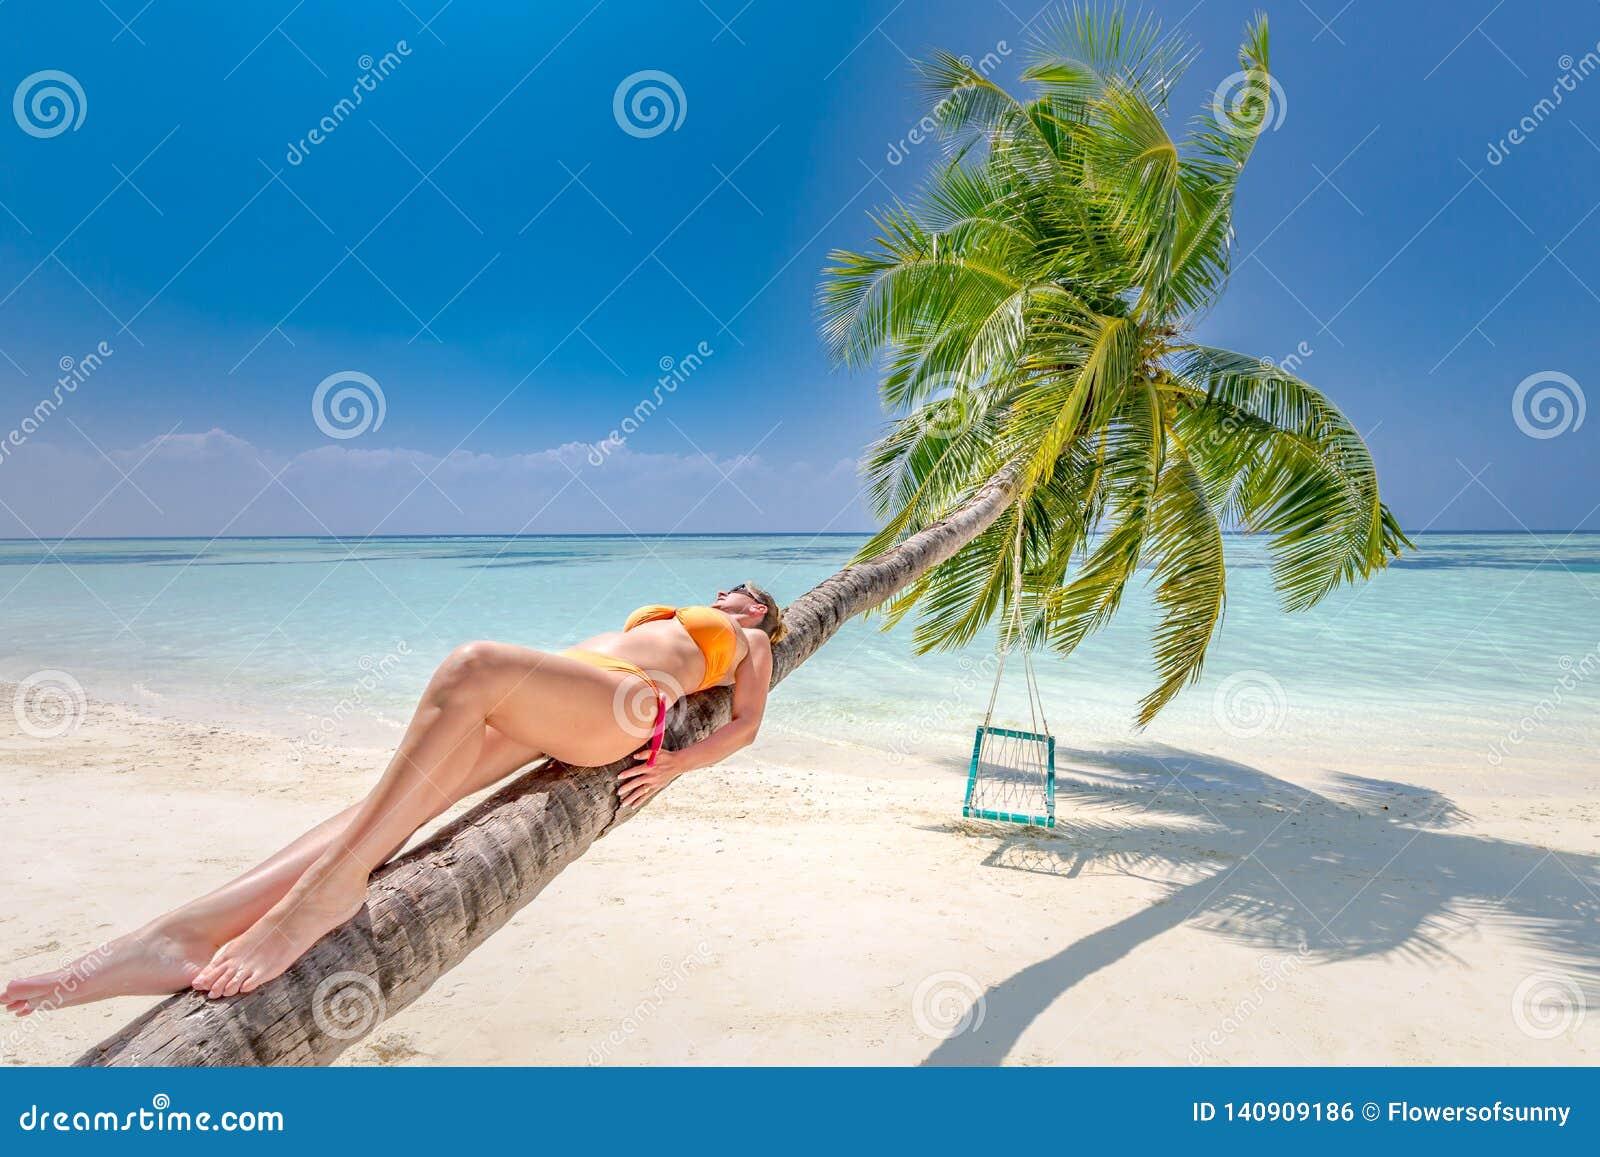 Paesaggio di stupore, palma con oscillazione sopra il mare con la donna che si rilassa sul tronco della palma, paesaggio tropical